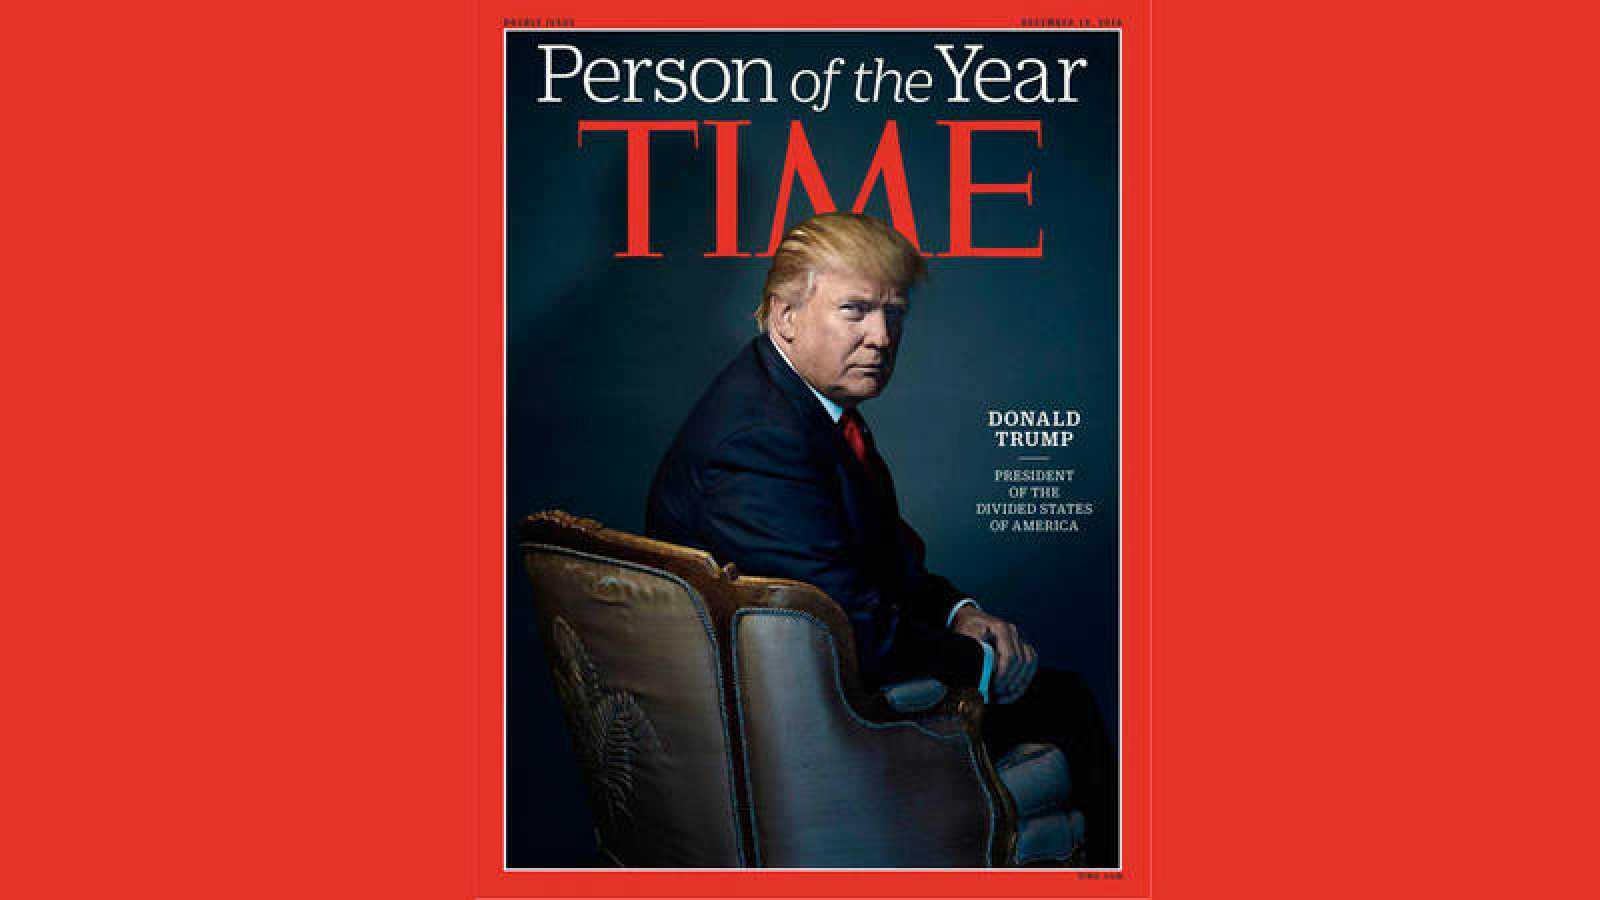 La portada de 'Time' con la elección de Donald Trump como personaje del año 2016